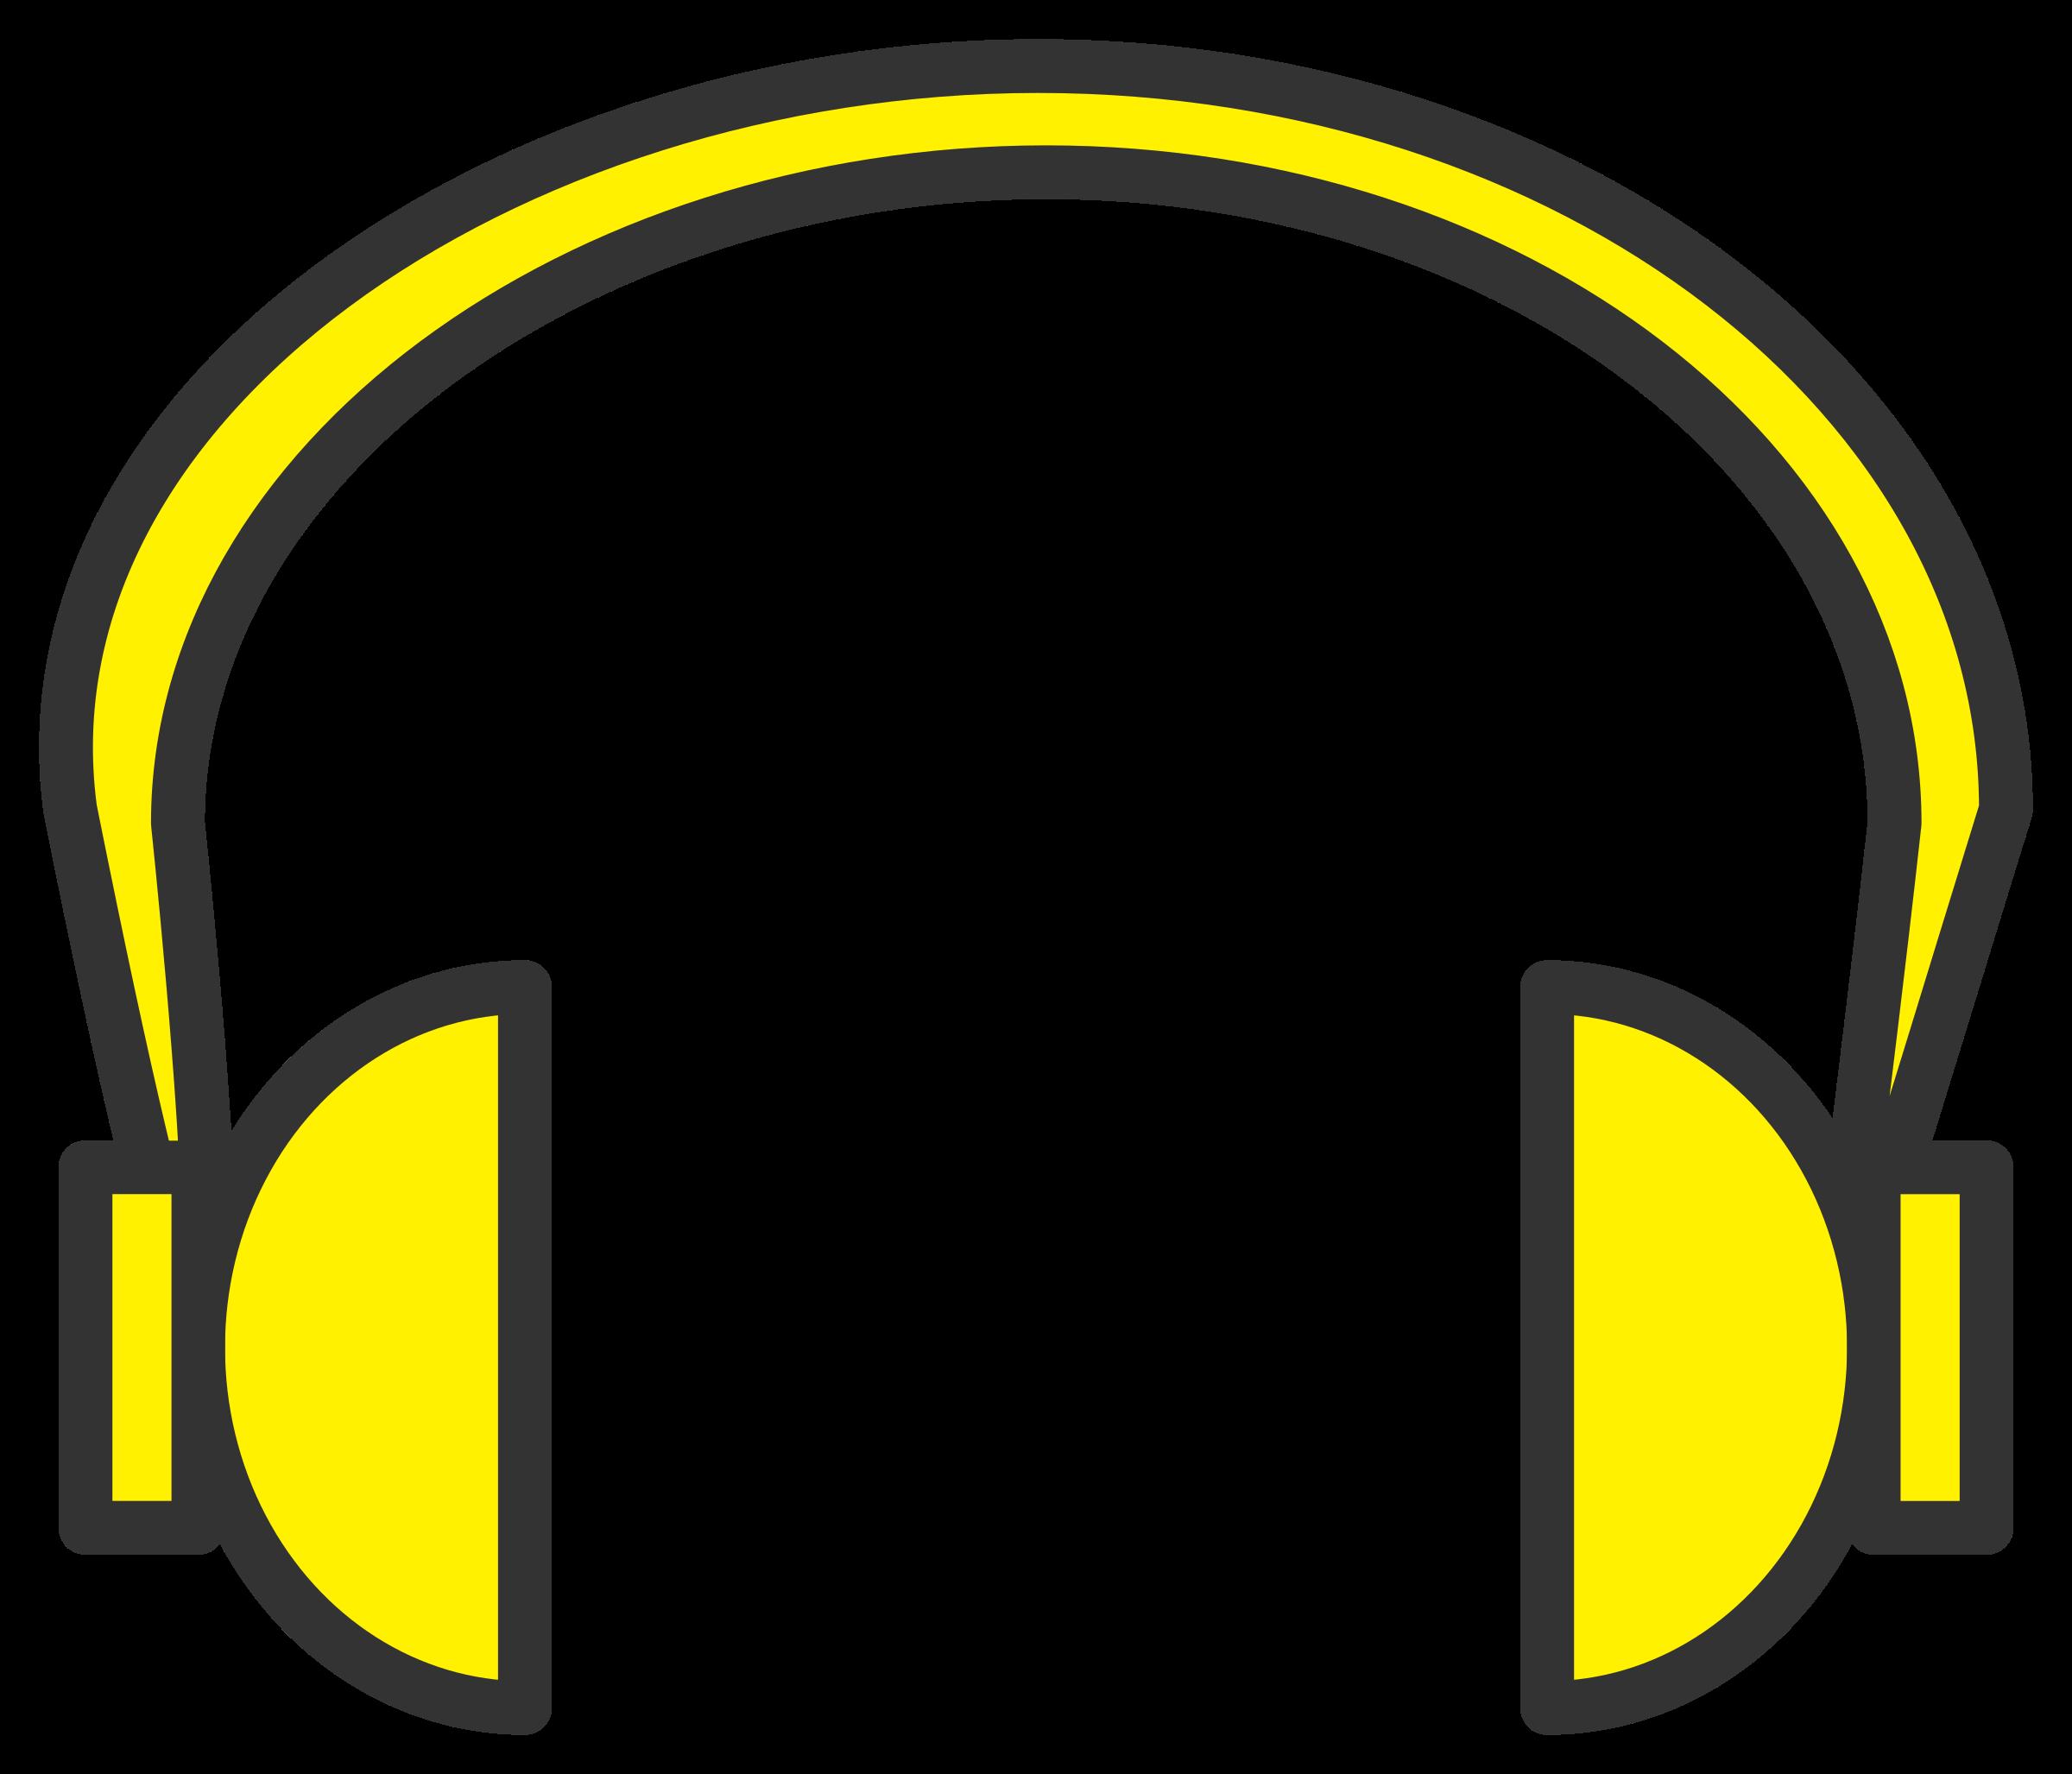 Colors clipart headphone. Headphones big pencil and